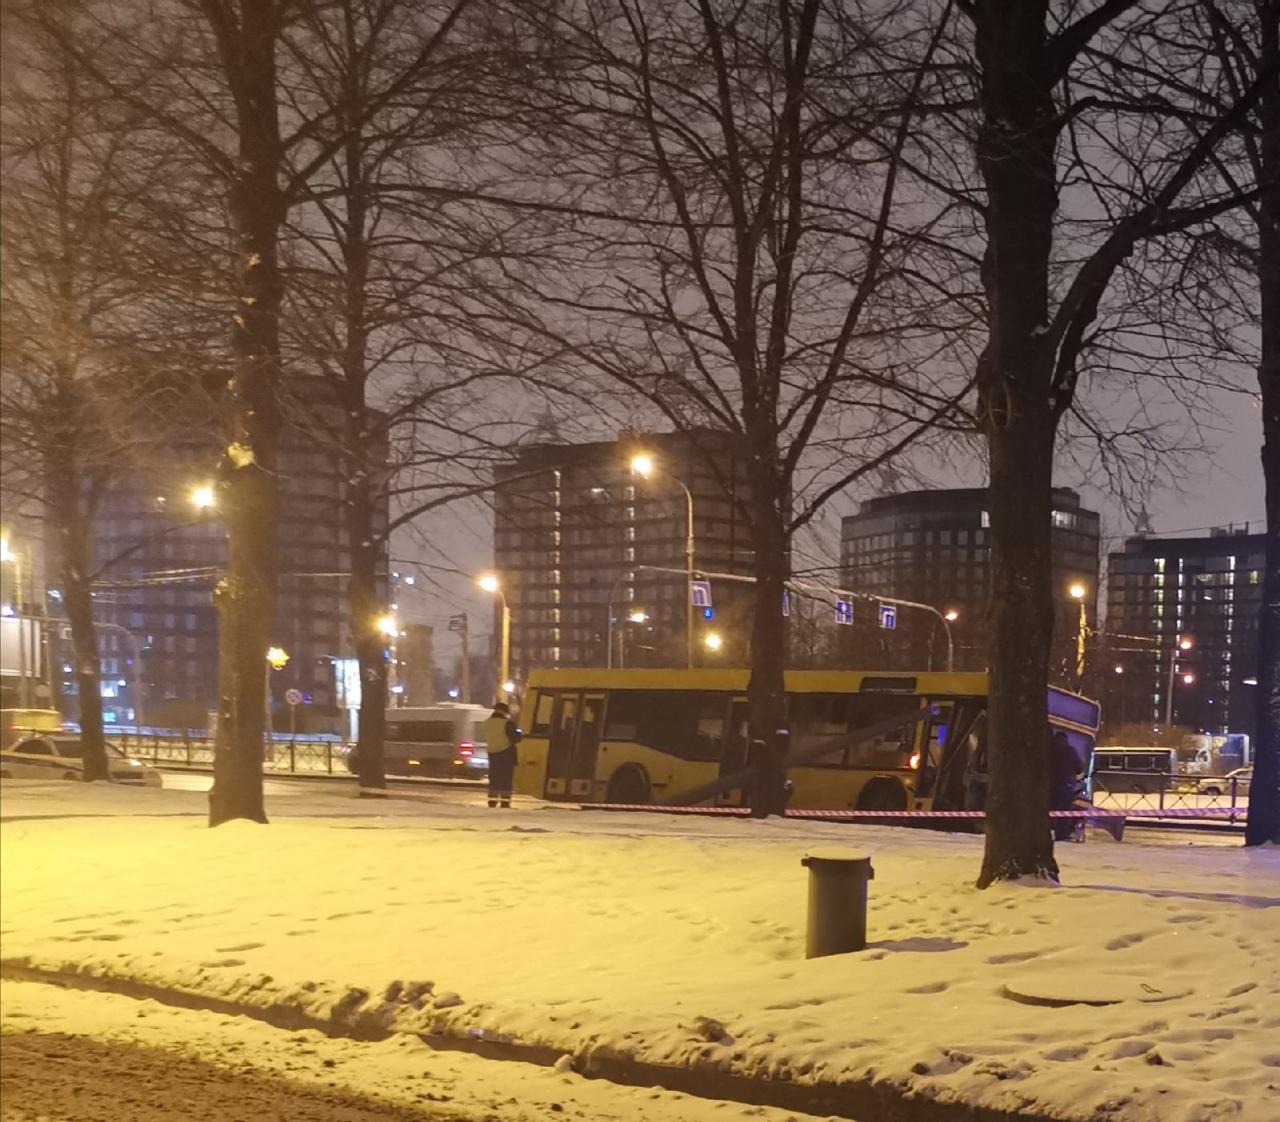 На Пискаревском, рядом с Полюстровским Утро 7.22 Автобус, видимо, на приличной скорости занесло на...